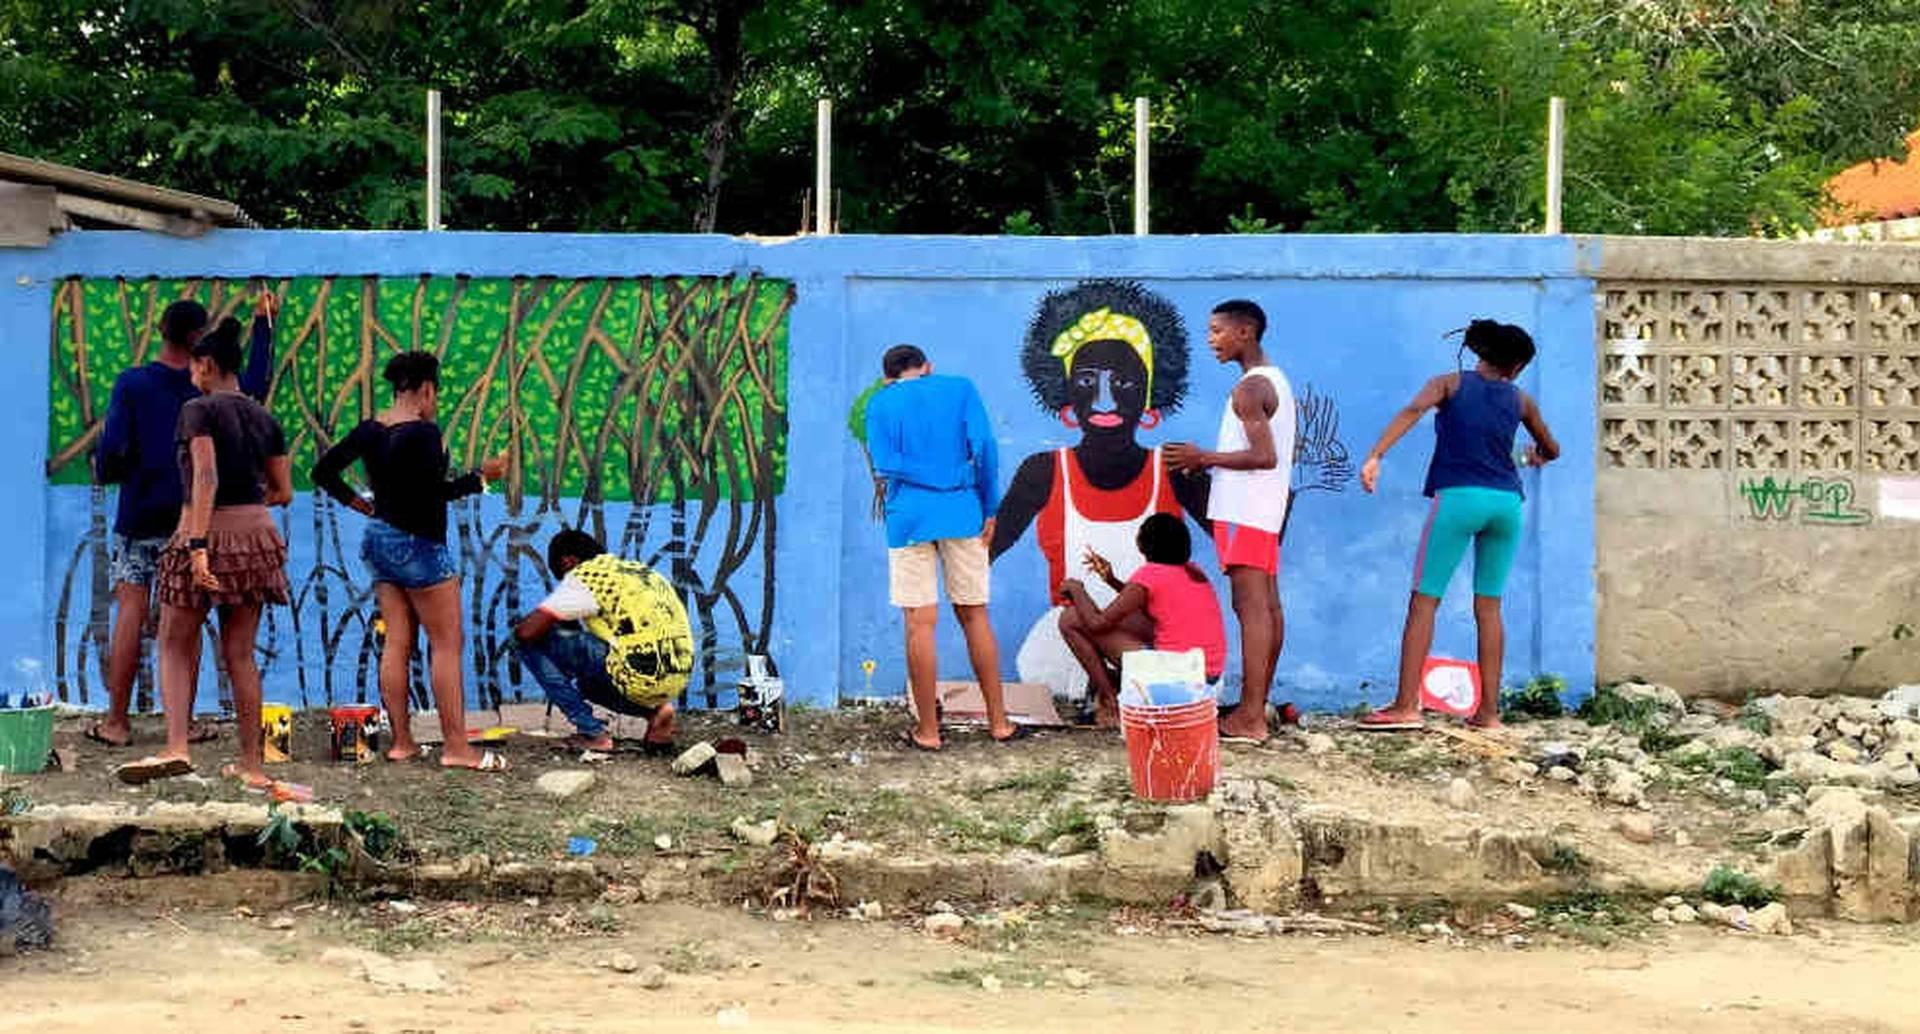 La campaña de preservación del manglar incluye muestras artísticas y culturales de los baruleros más jóvenes. Por: Mariana Sanz